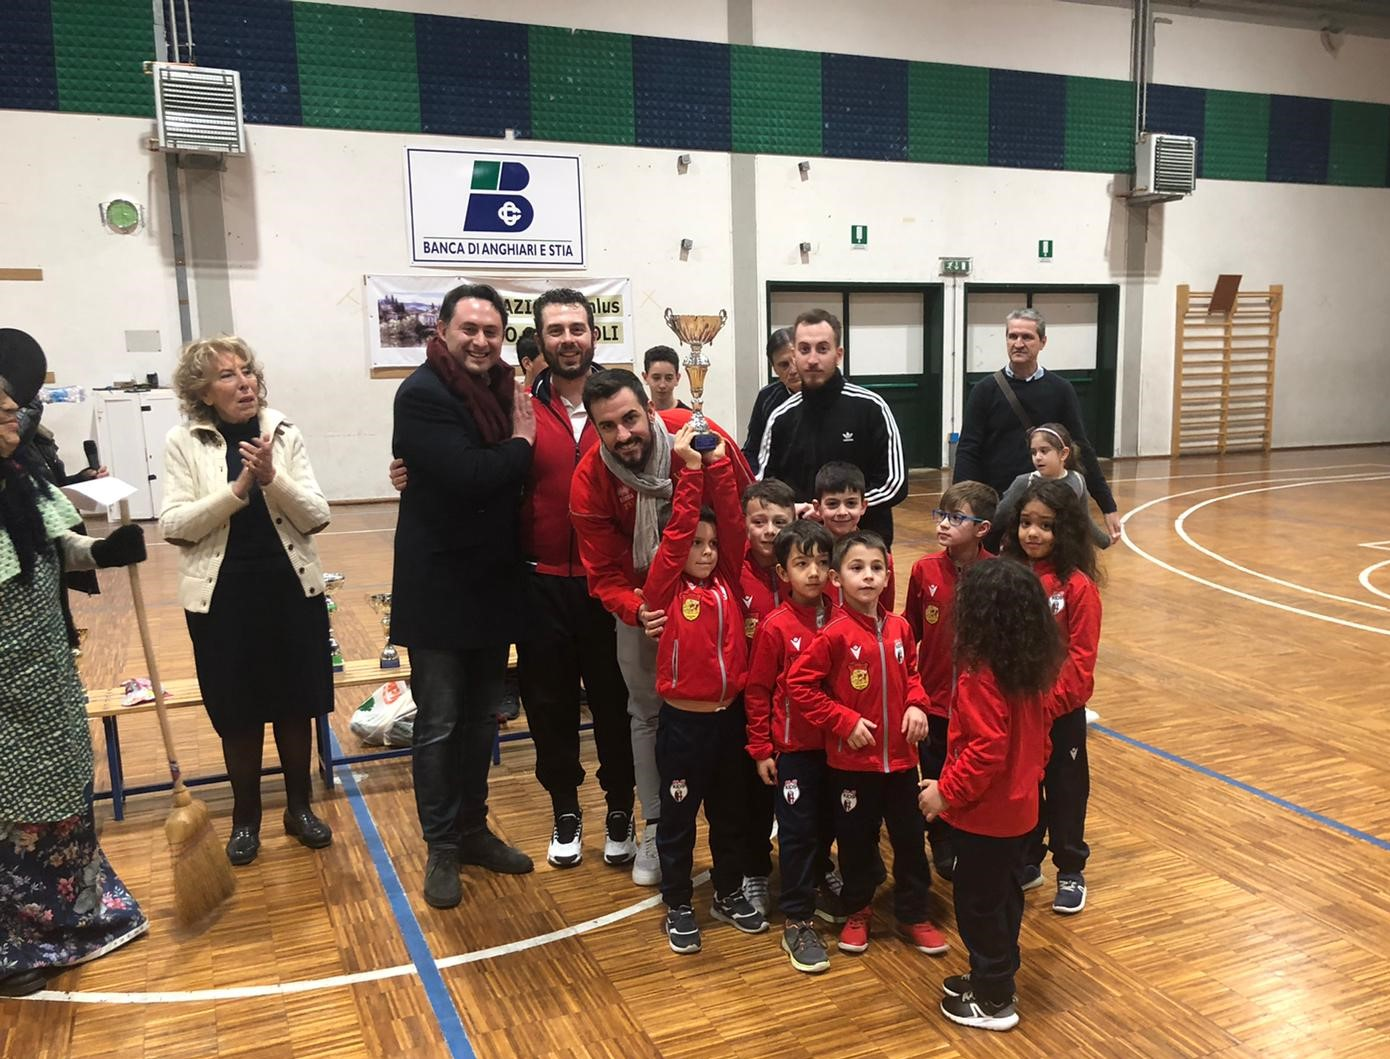 25° Torneo della Befana San Giustino 2013